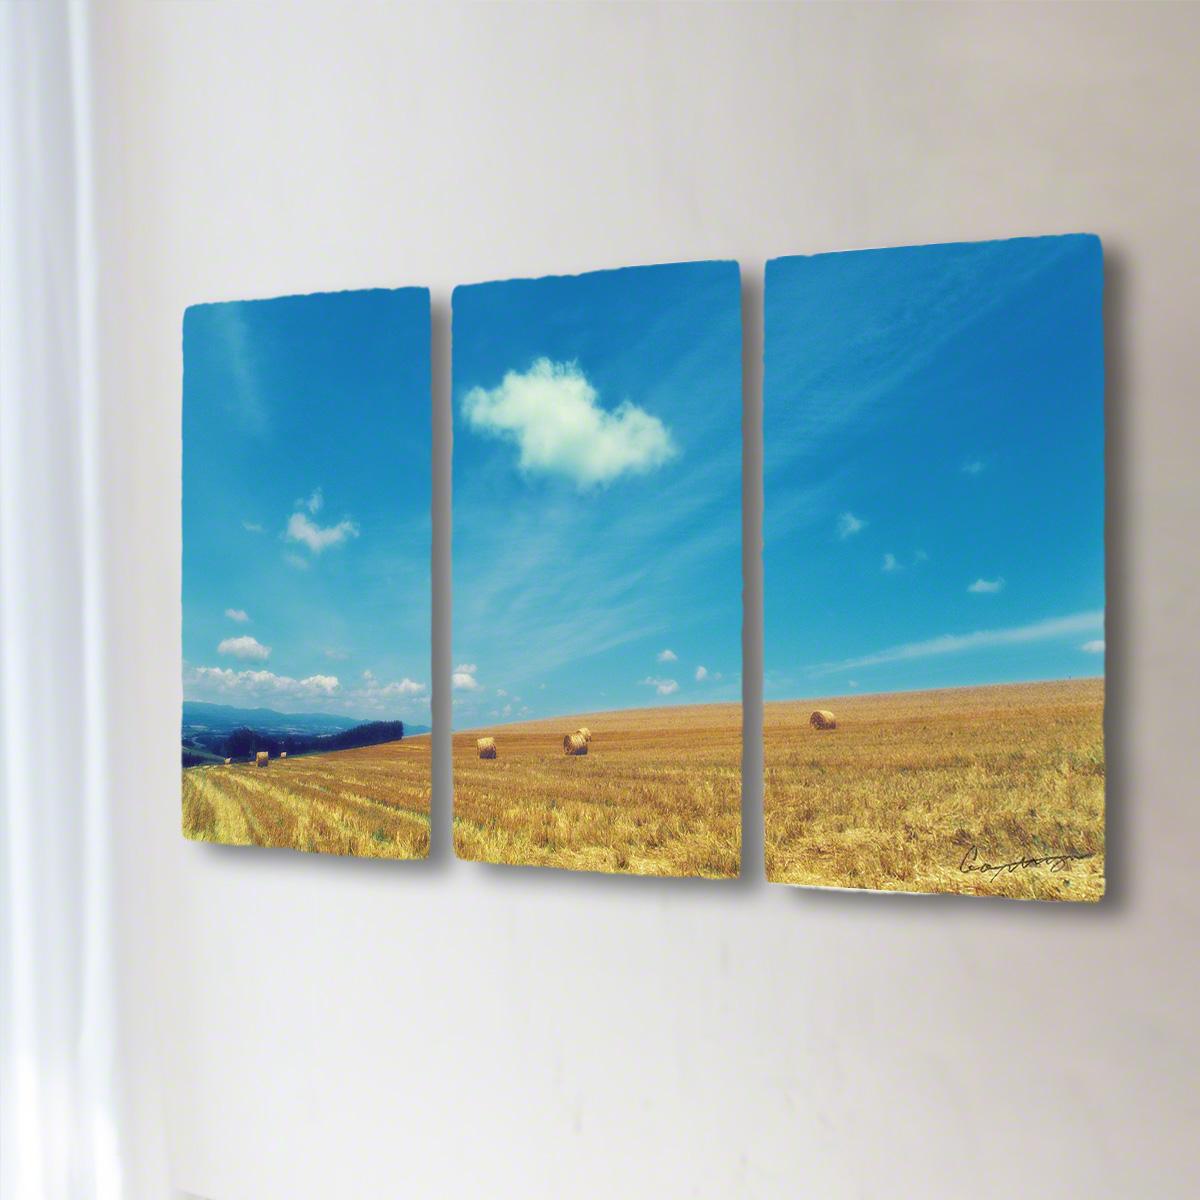 和紙 手作り アートパネル 3枚続き 「牧草ロールの丘と青空に浮かぶ雲」(128x72cm) 絵画 絵 ポスター 壁掛け モダン アート 和風 オリジナル インテリア 風景画 ランキング おすすめ おしゃれ 人気 キッチン リビング ダイニング 玄関 和室